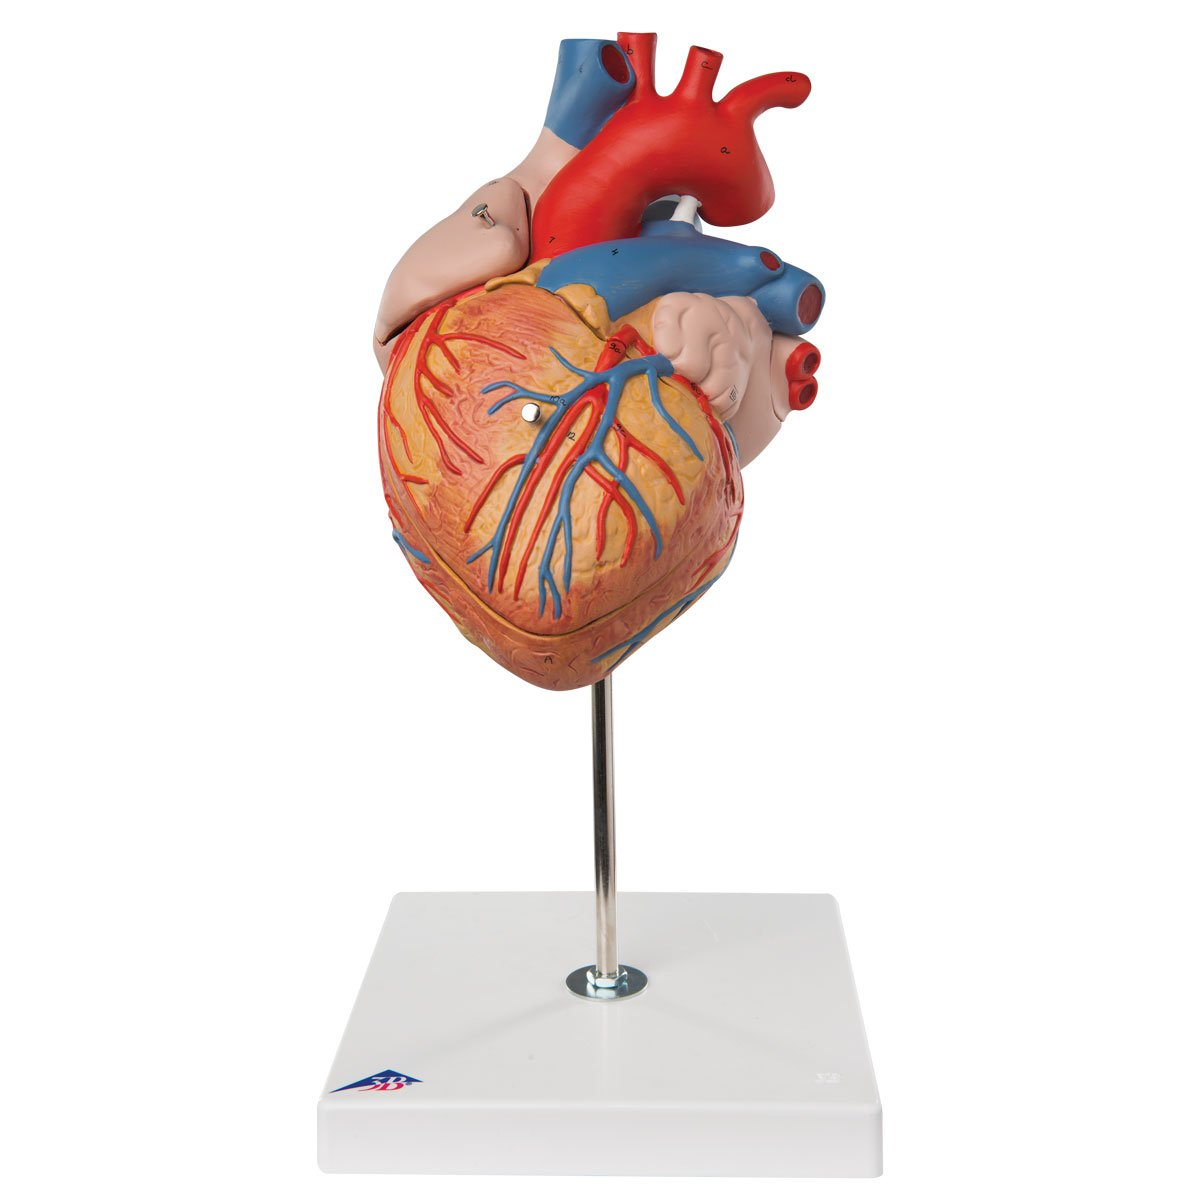 【年間ランキング6年連続受賞】 心臓,2倍大4分解ジャイアントモデル B007NCV64M B007NCV64M, タオルショップ ミミスケ:da79d452 --- a0267596.xsph.ru